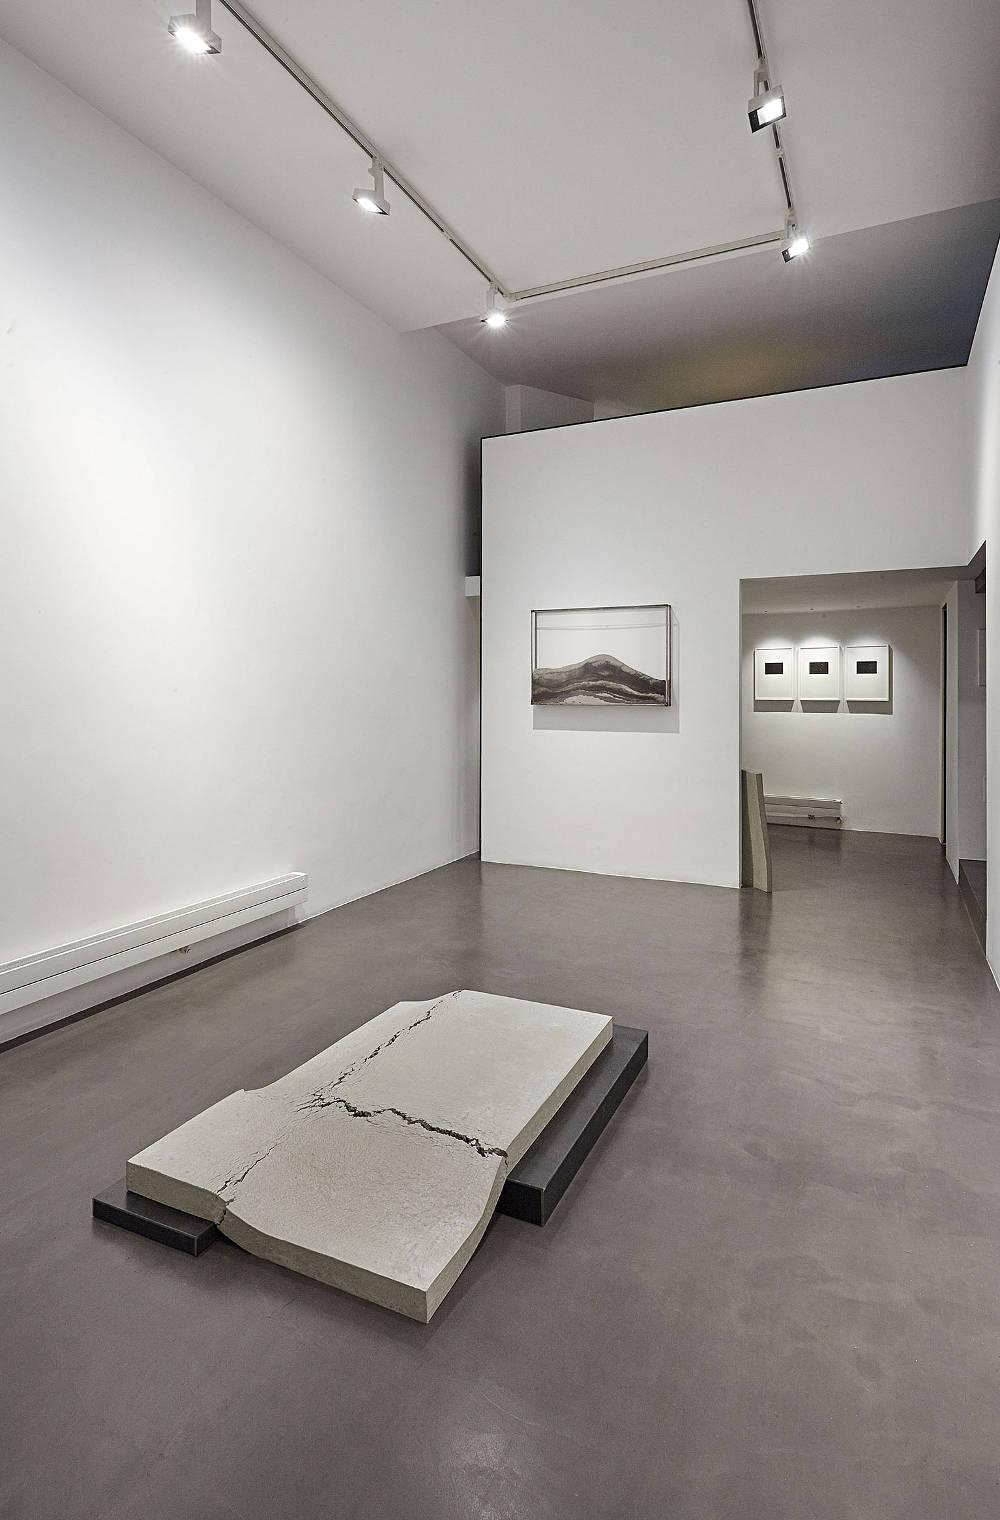 Galleria Anna Marra Maria Elisabetta Novello Christoph Weber 1